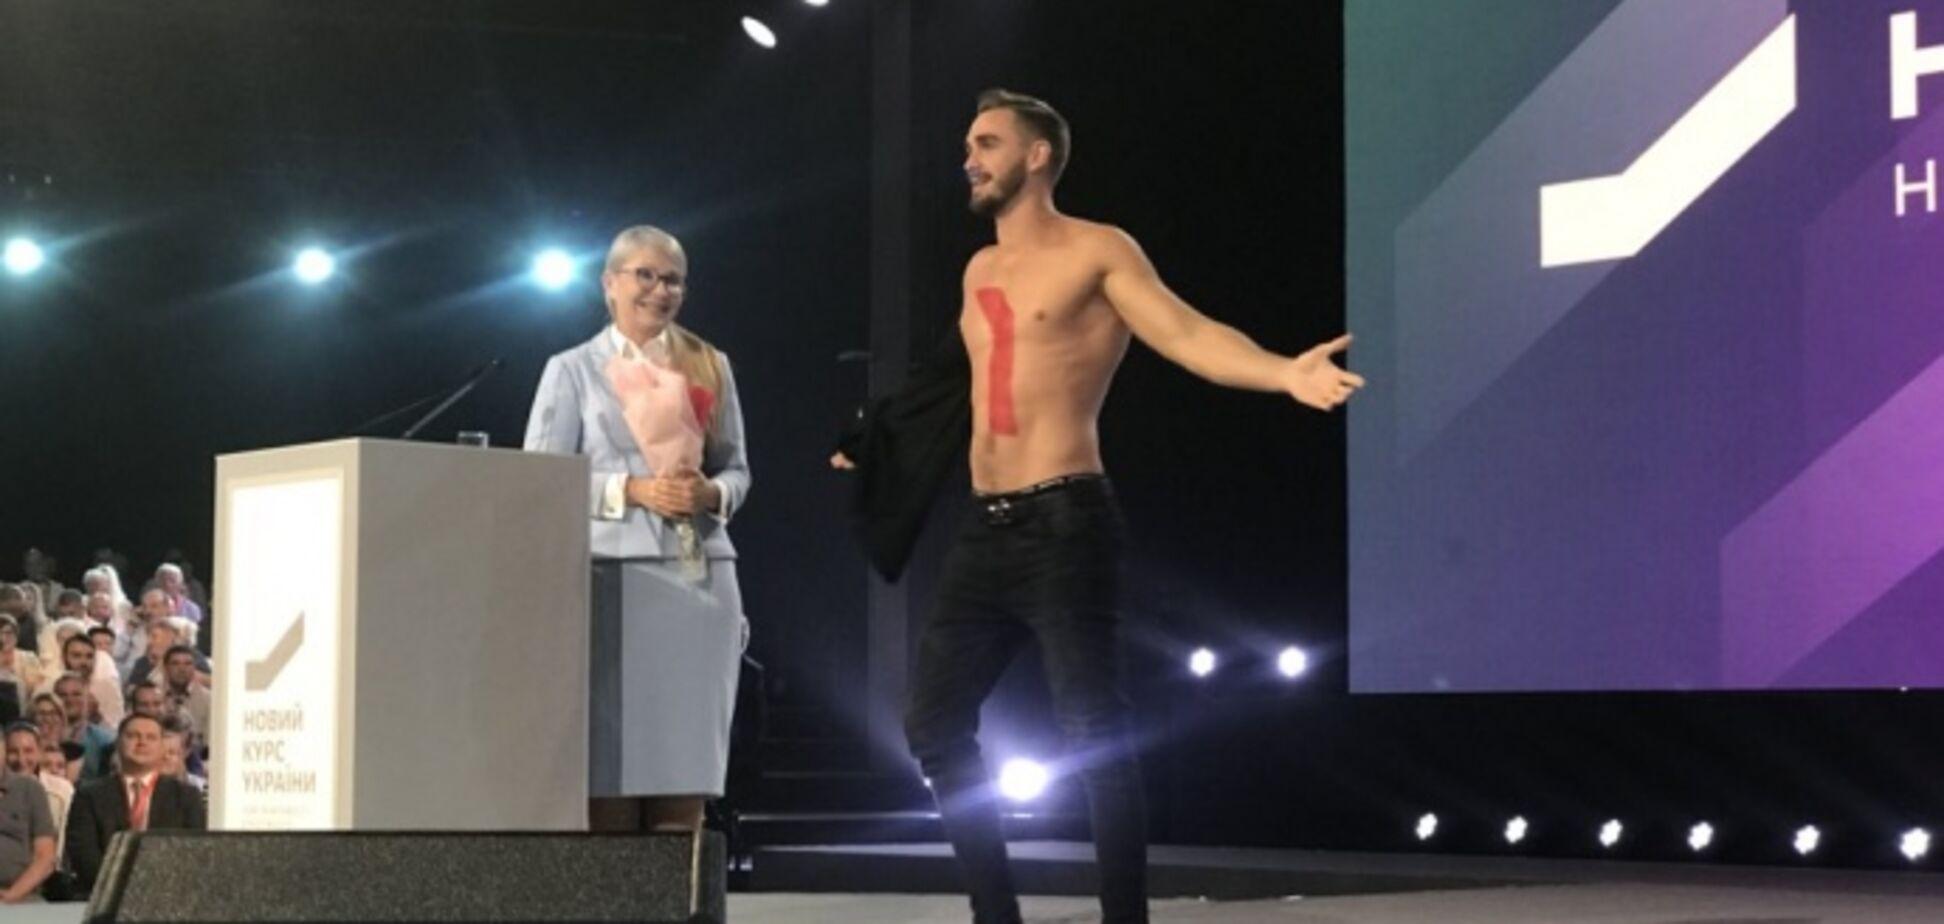 Перед Тимошенко публічно роздягнувся чоловік: з'явилися фото і відео